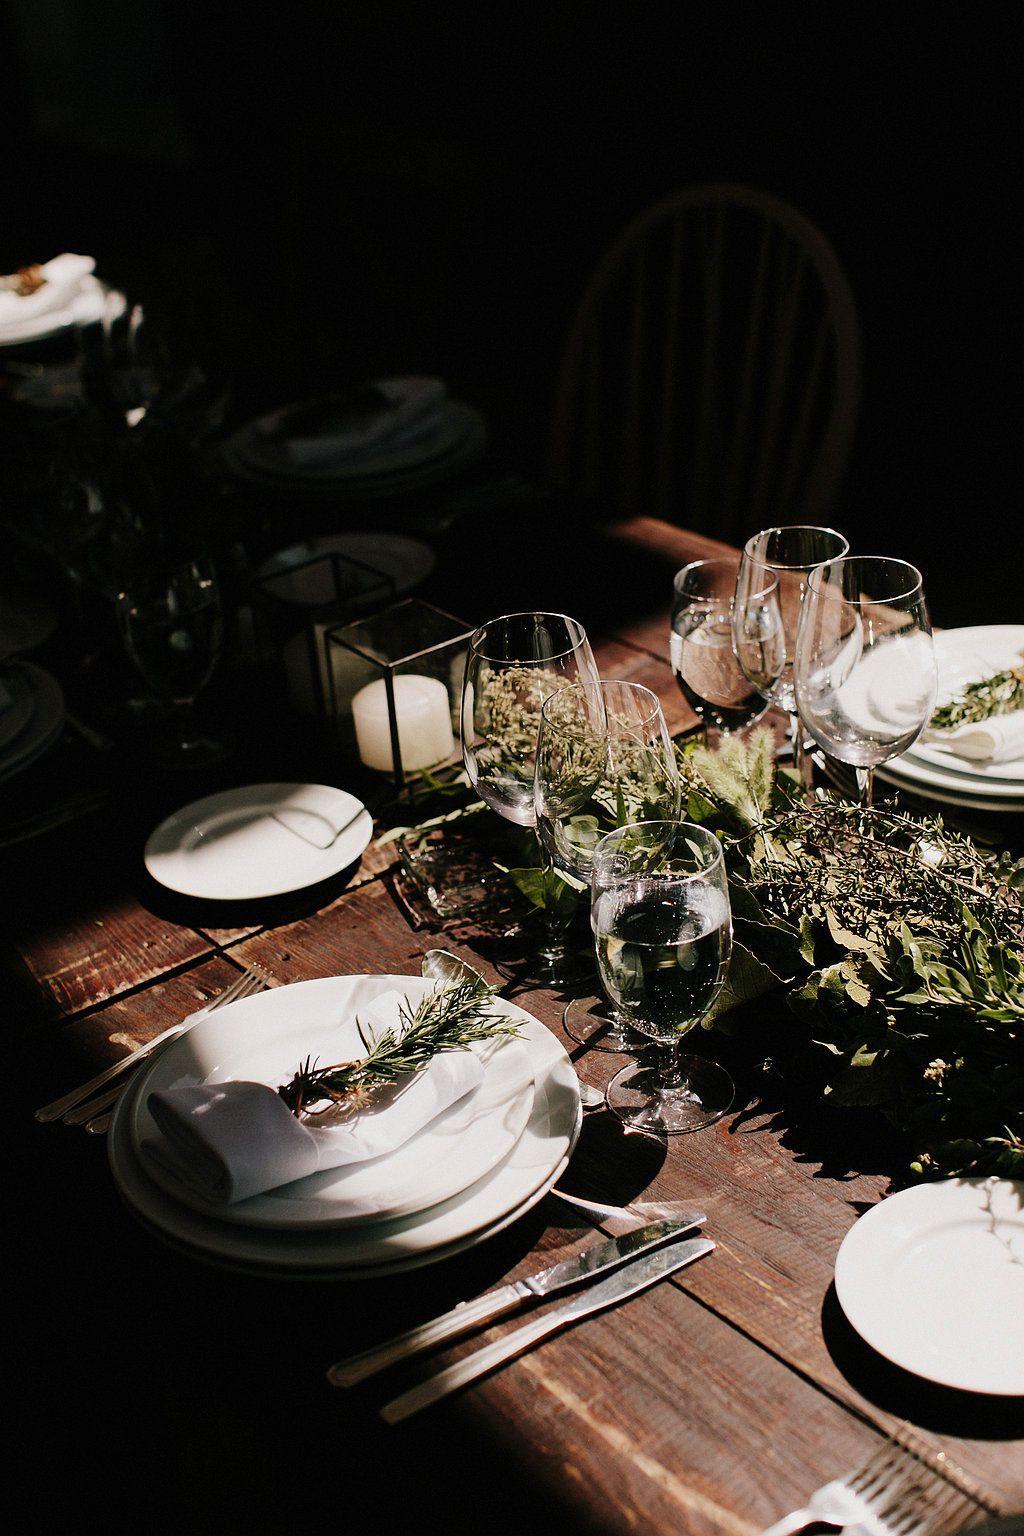 Decoración simple y bohemia.  #decoración #bohochic #minimalist #floral